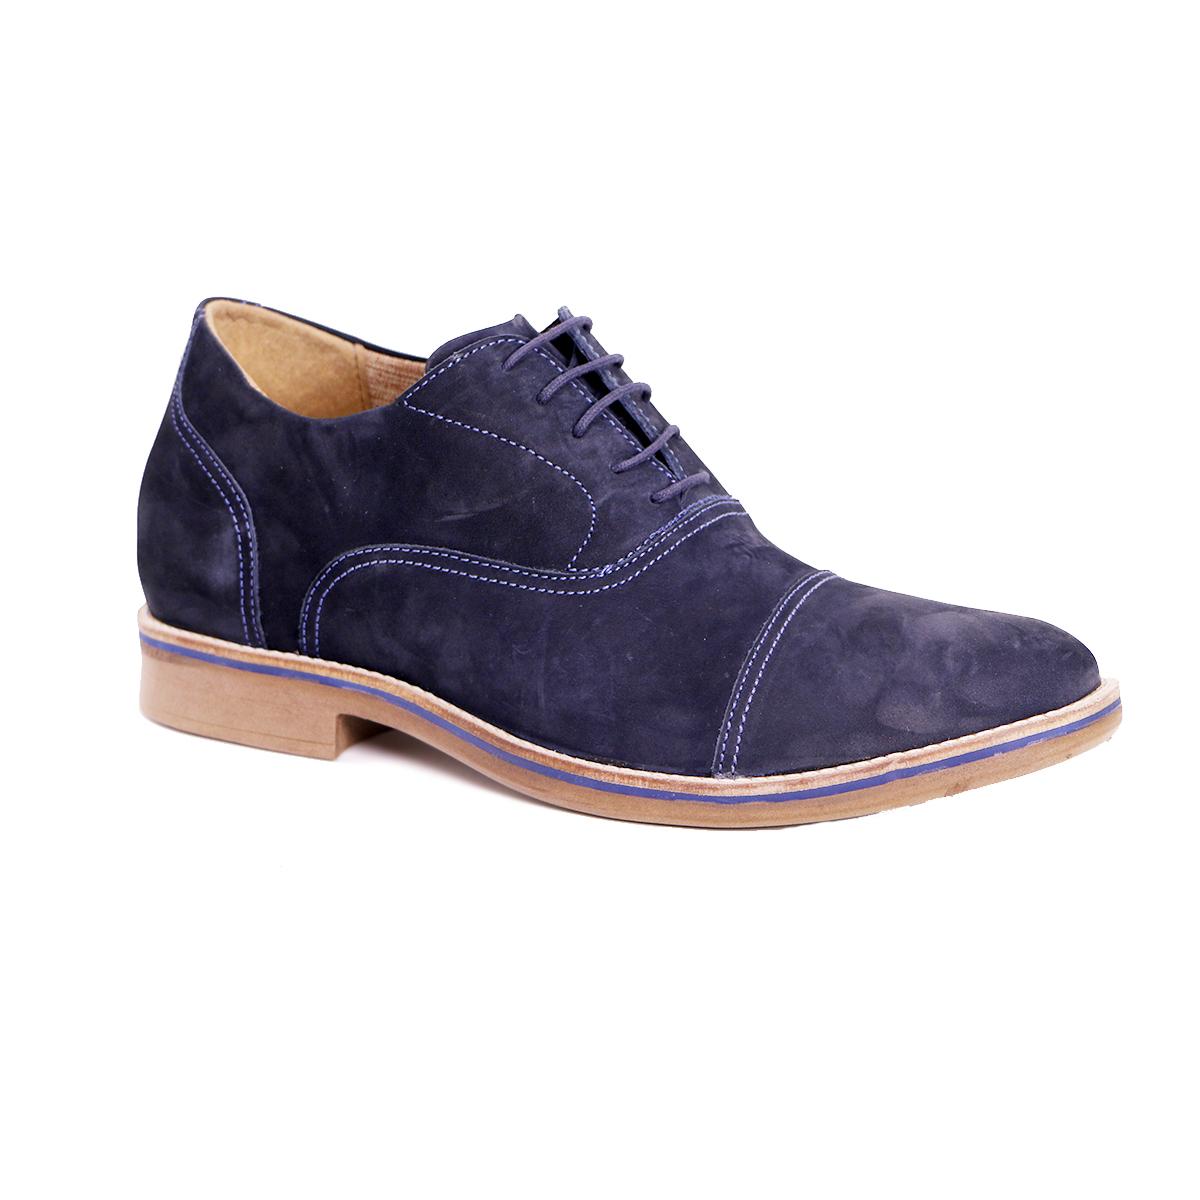 Zapato Casual Hippie Azul Max Denegri +7cms de Altura_72912